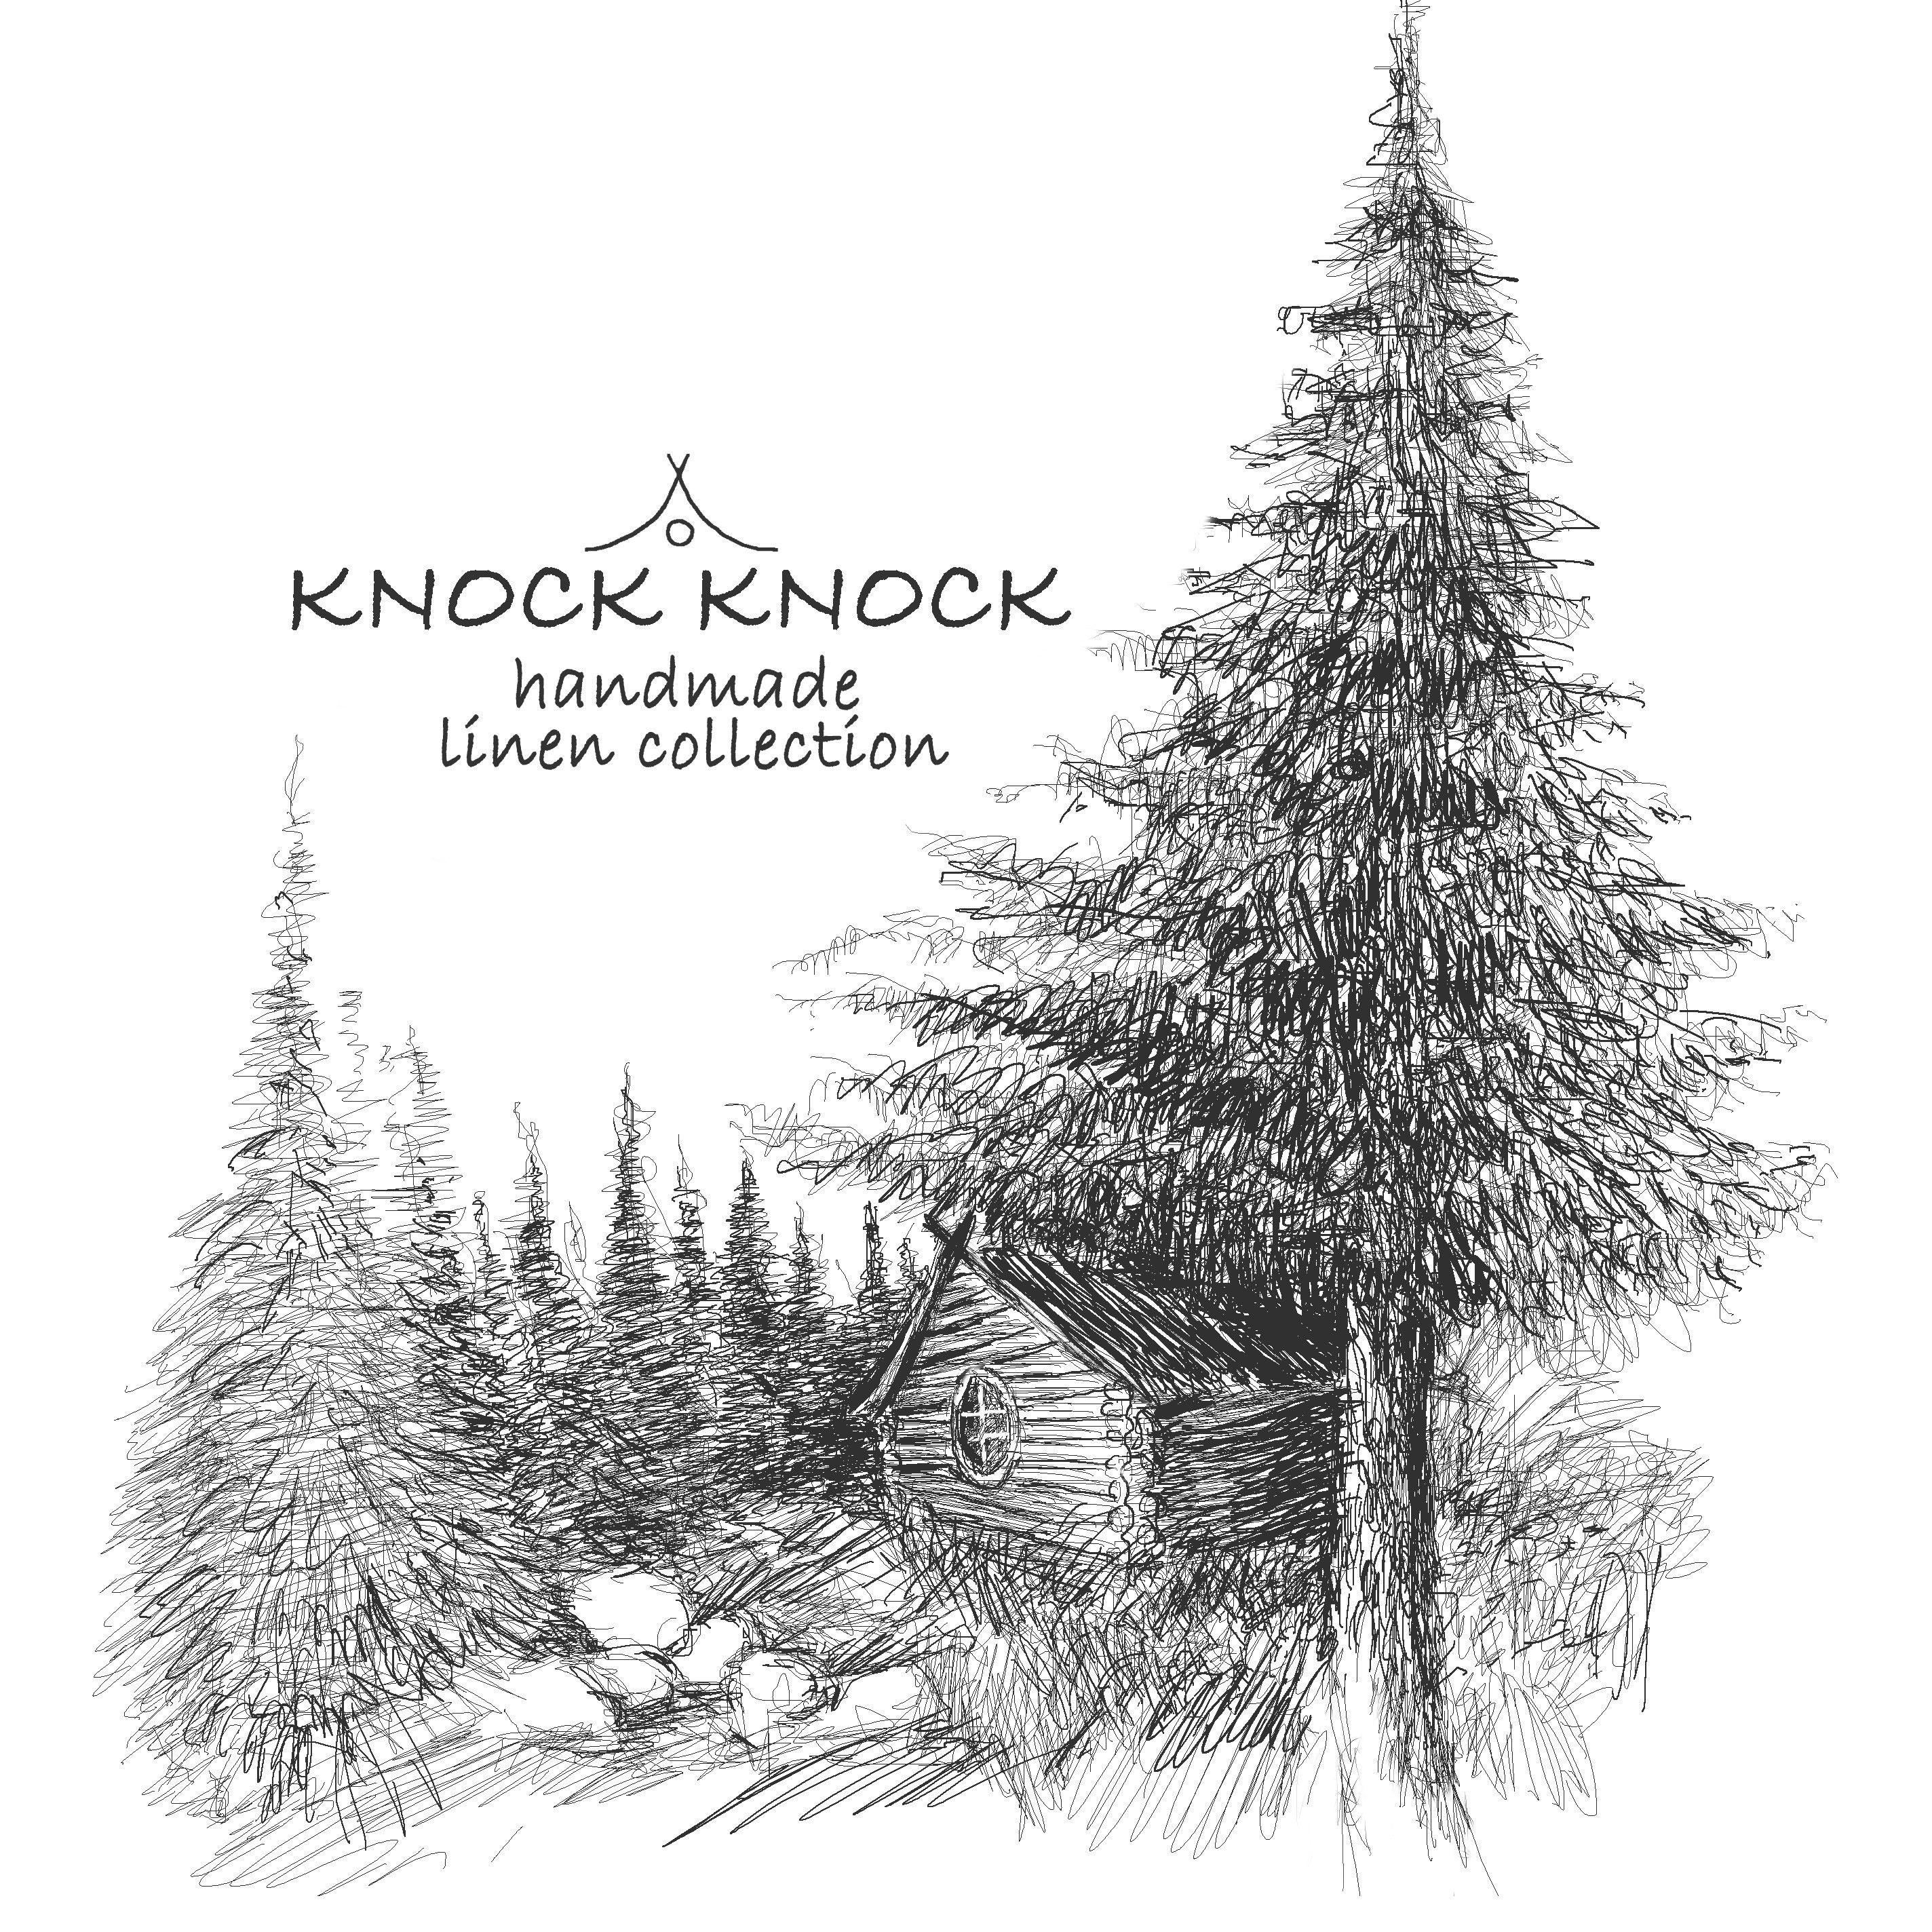 HANDMADE CLOTHES & HOME TEXTILE por KnockKnockLinen en Etsy